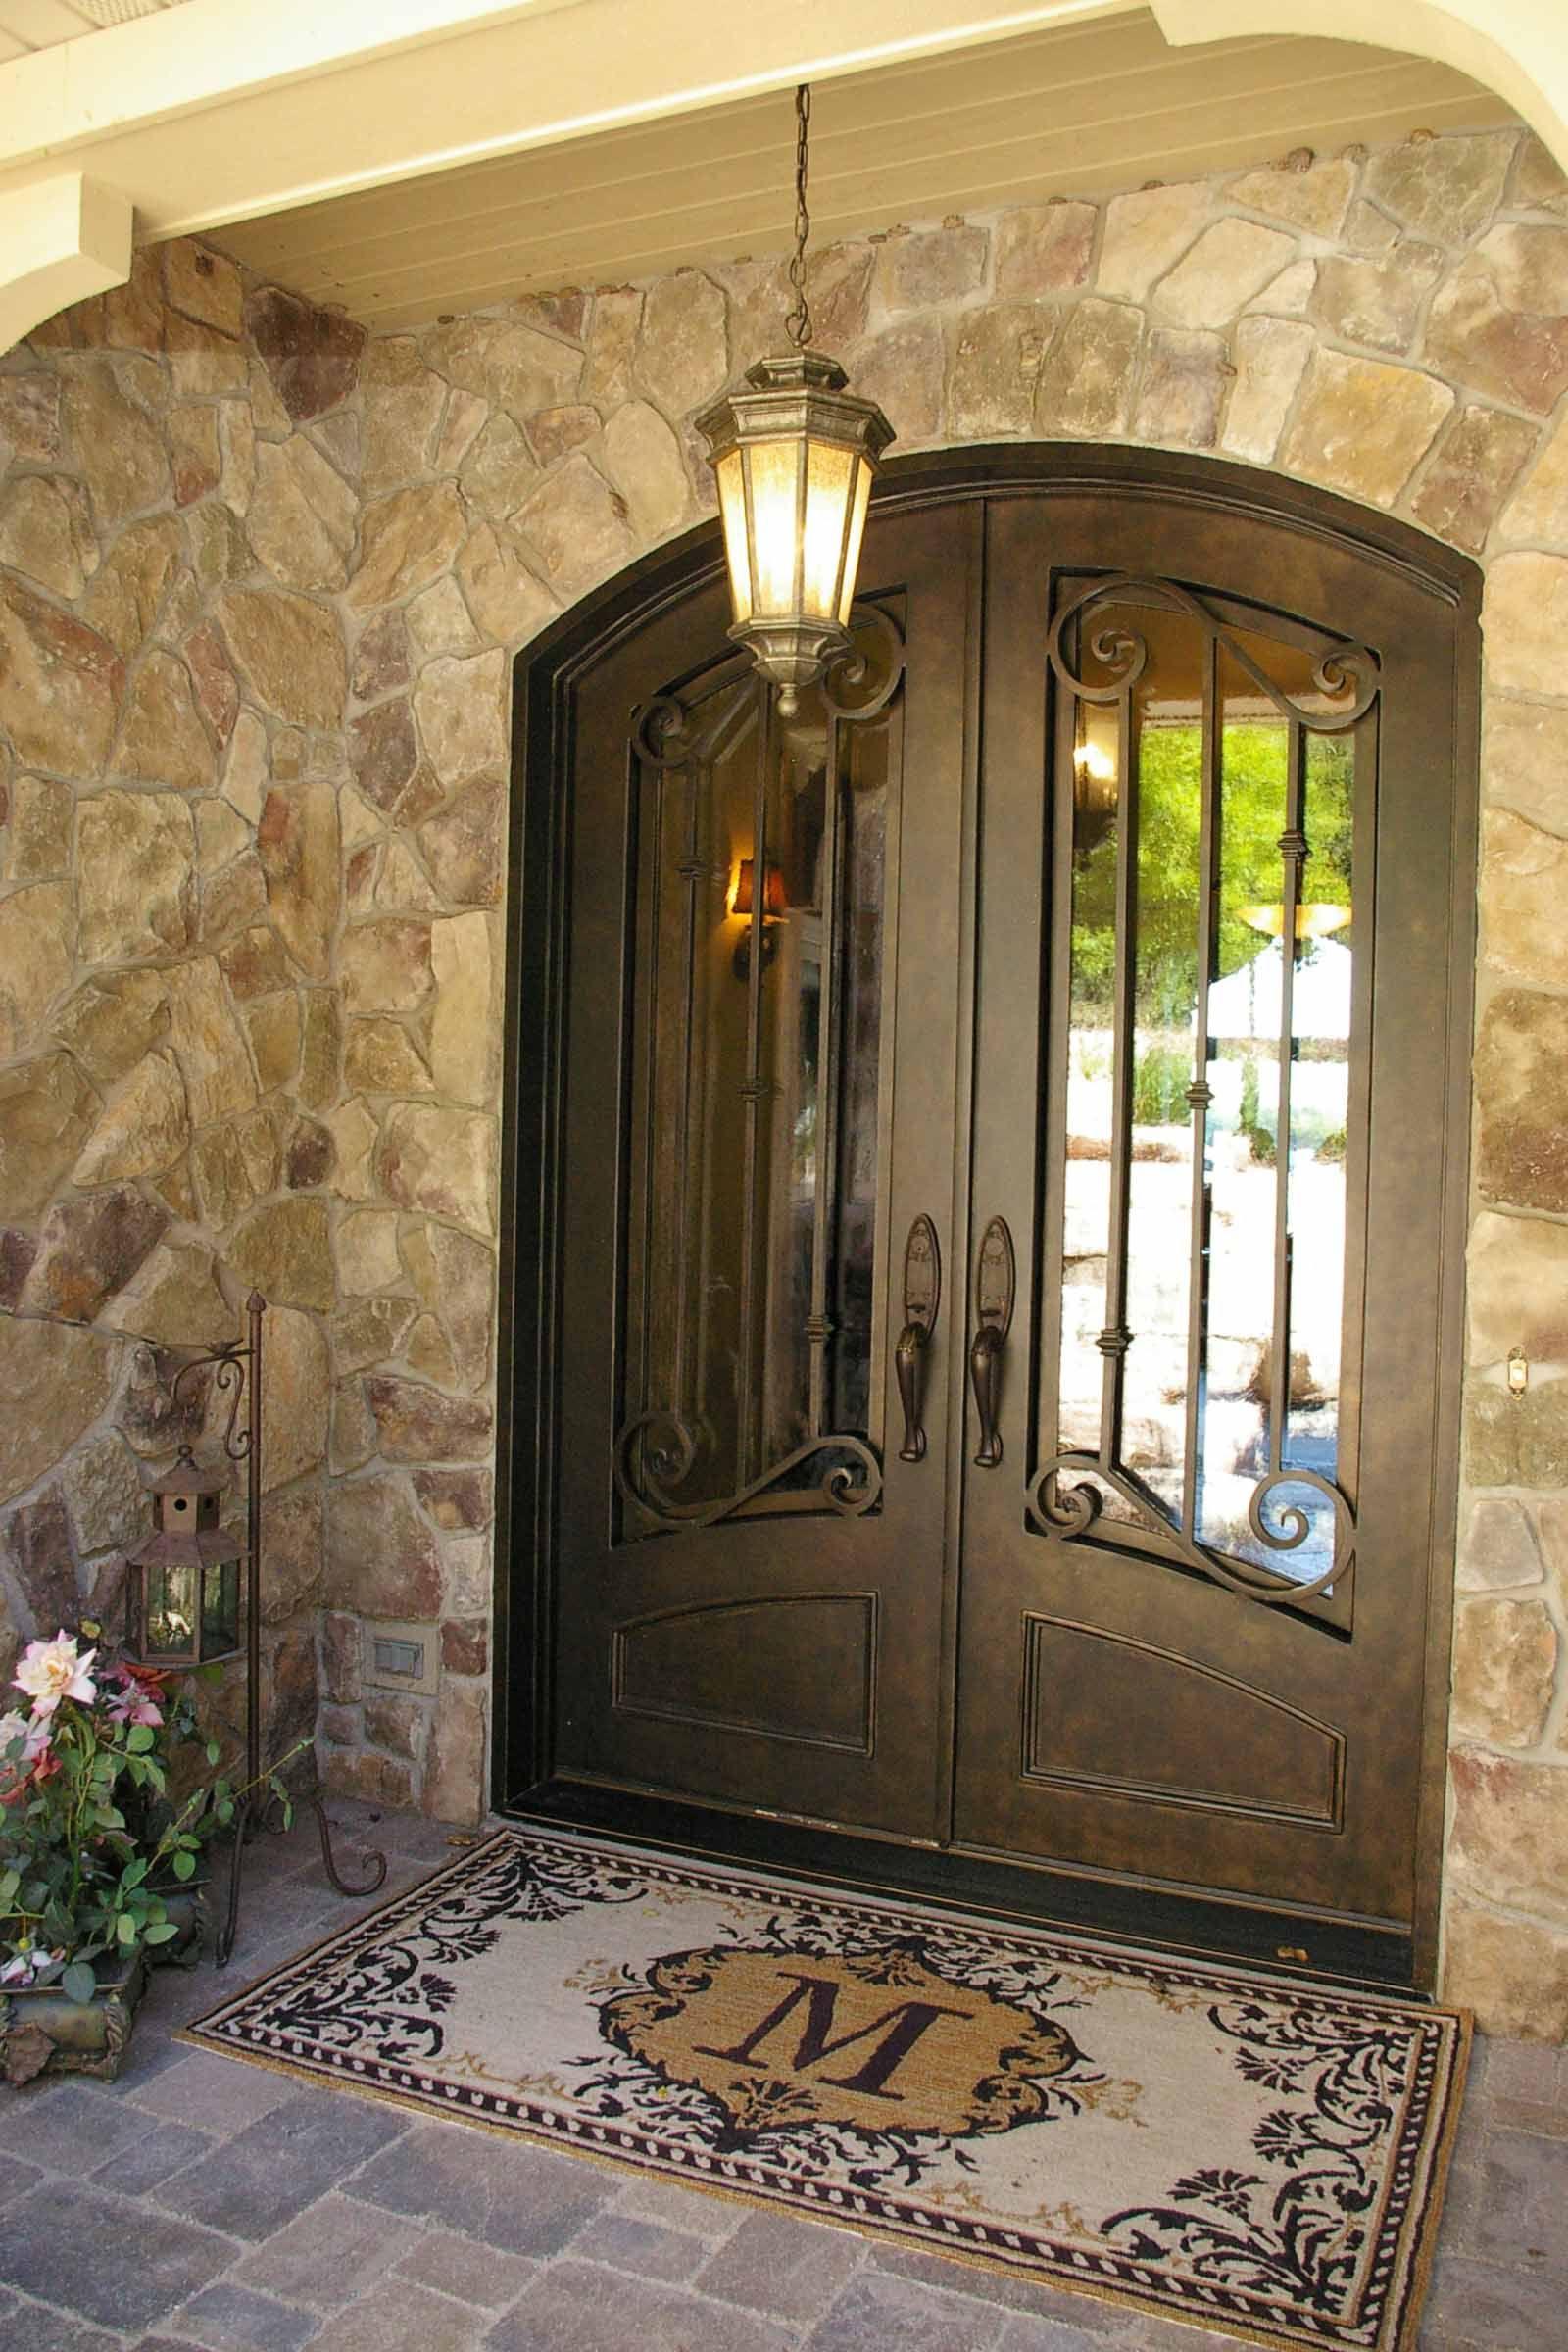 The 25+ Best Iron Doors Ideas On Pinterest   Iron Front Door, Wrought Iron  Doors And Security Room